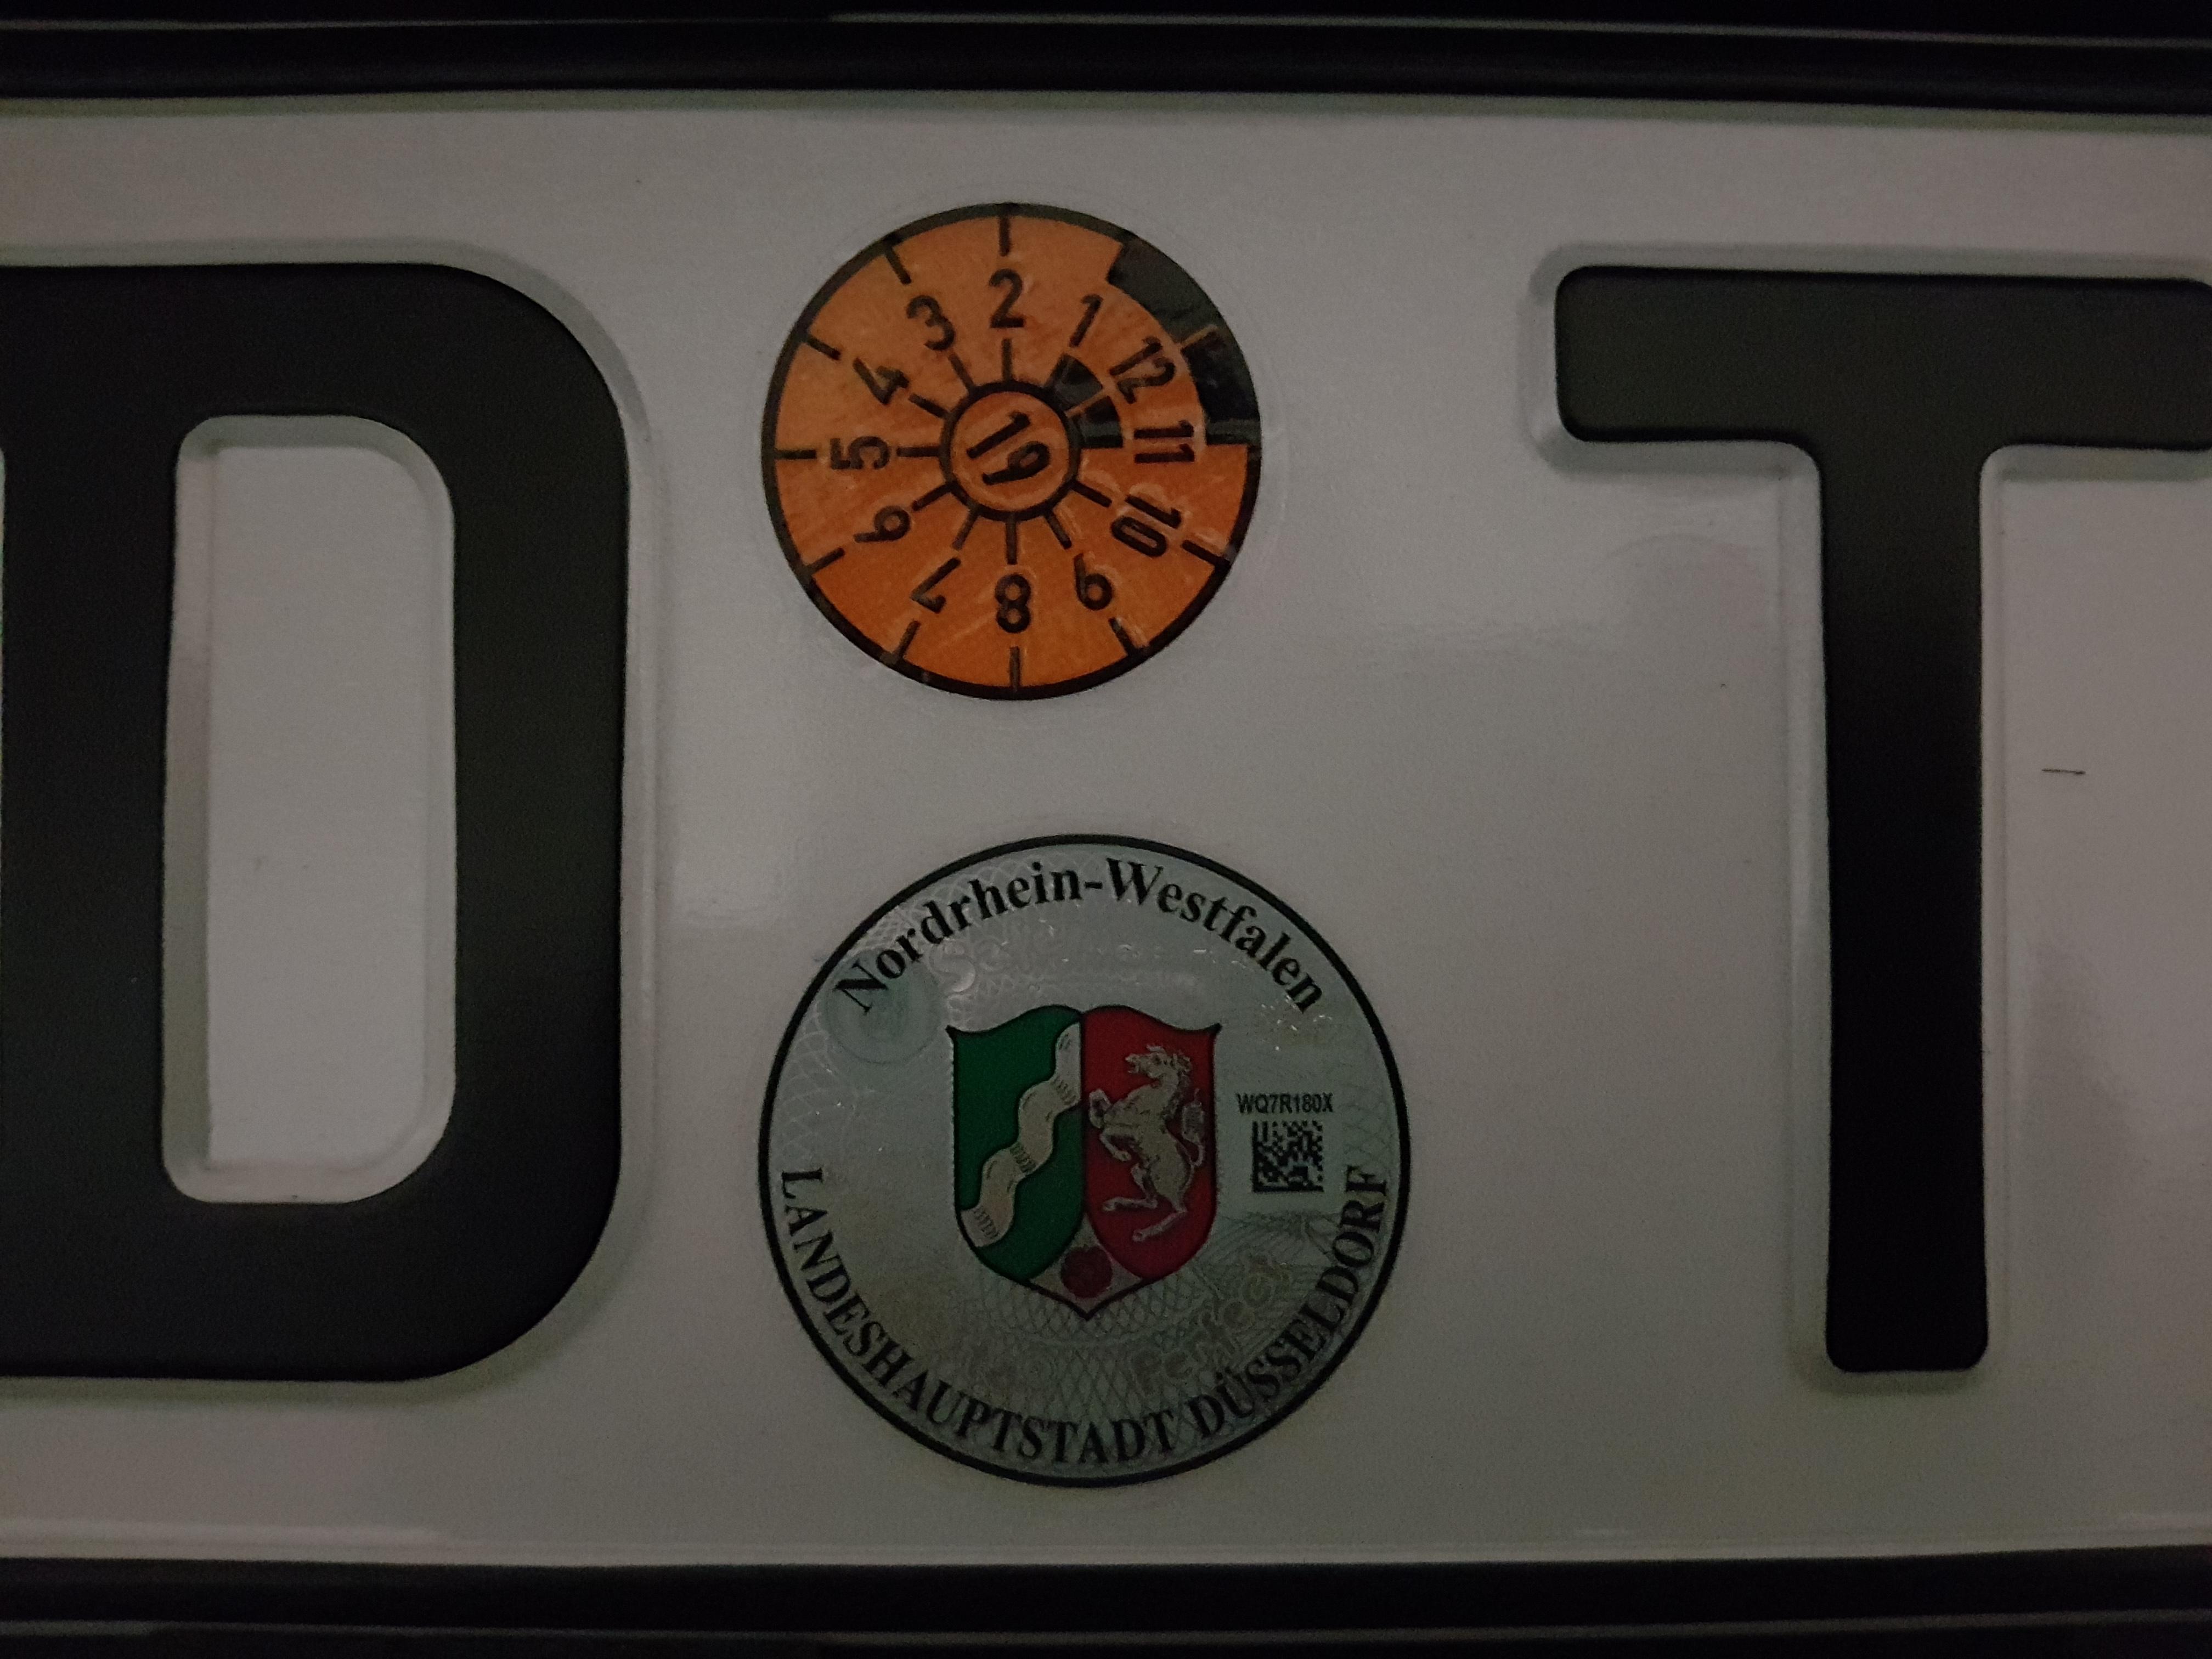 Position von TÜV Plakette auf Kennzeichen korrigieren